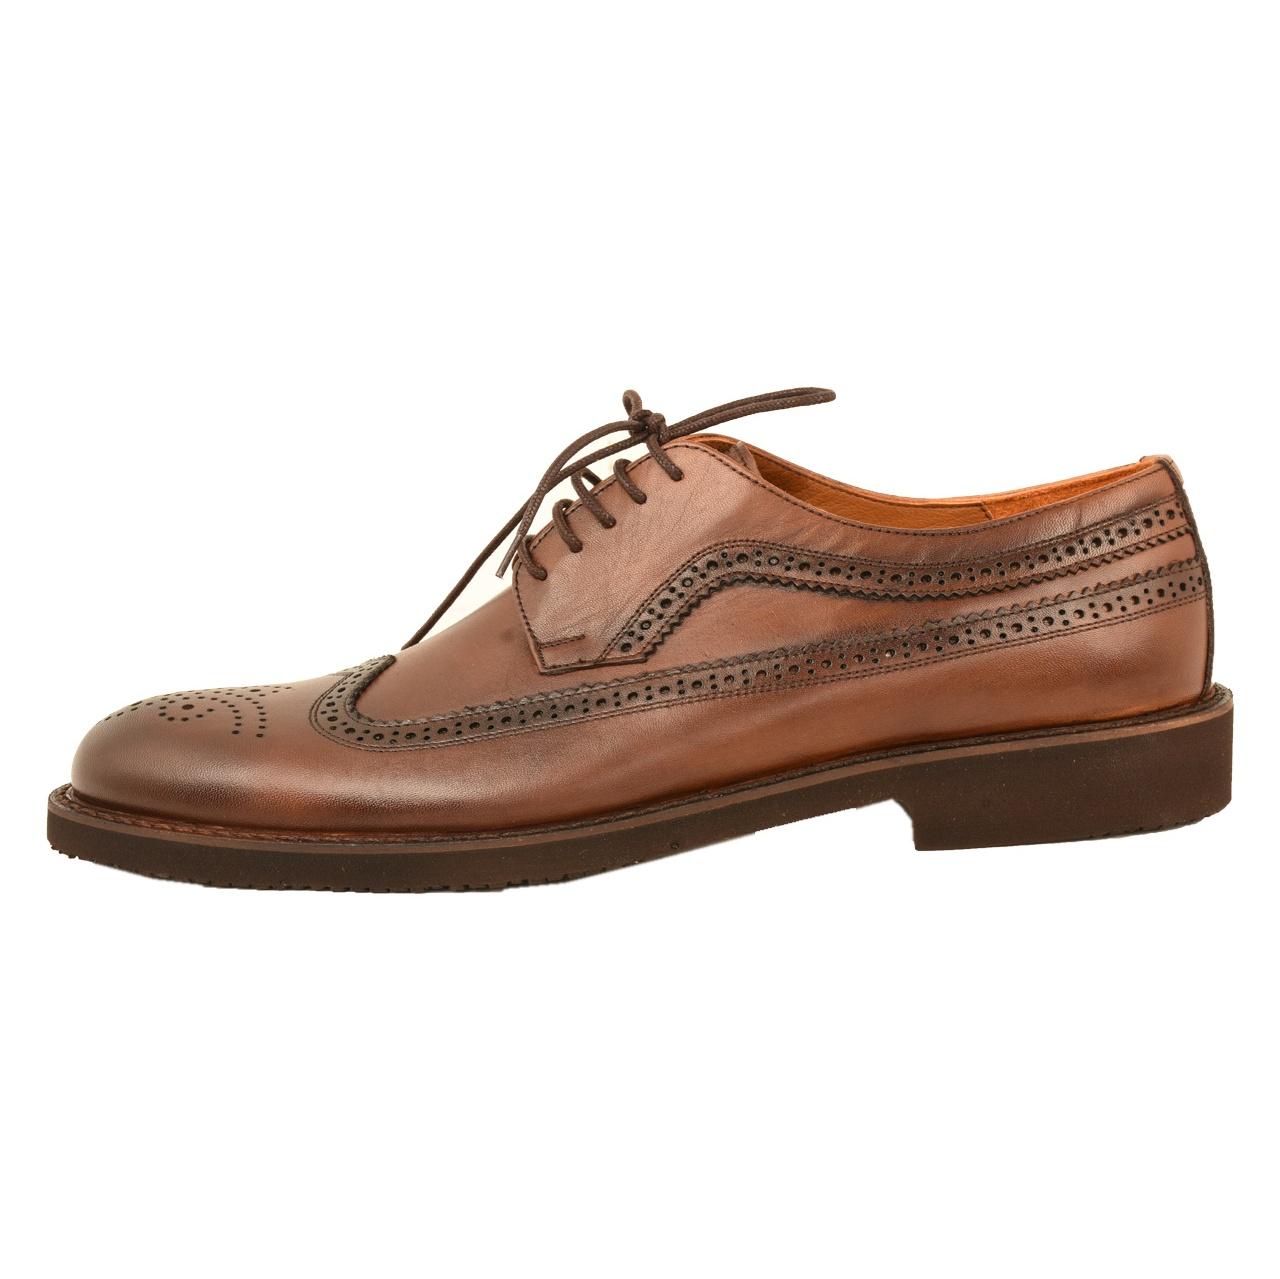 کفش مردانه کهن چرم مدل SHO155-1